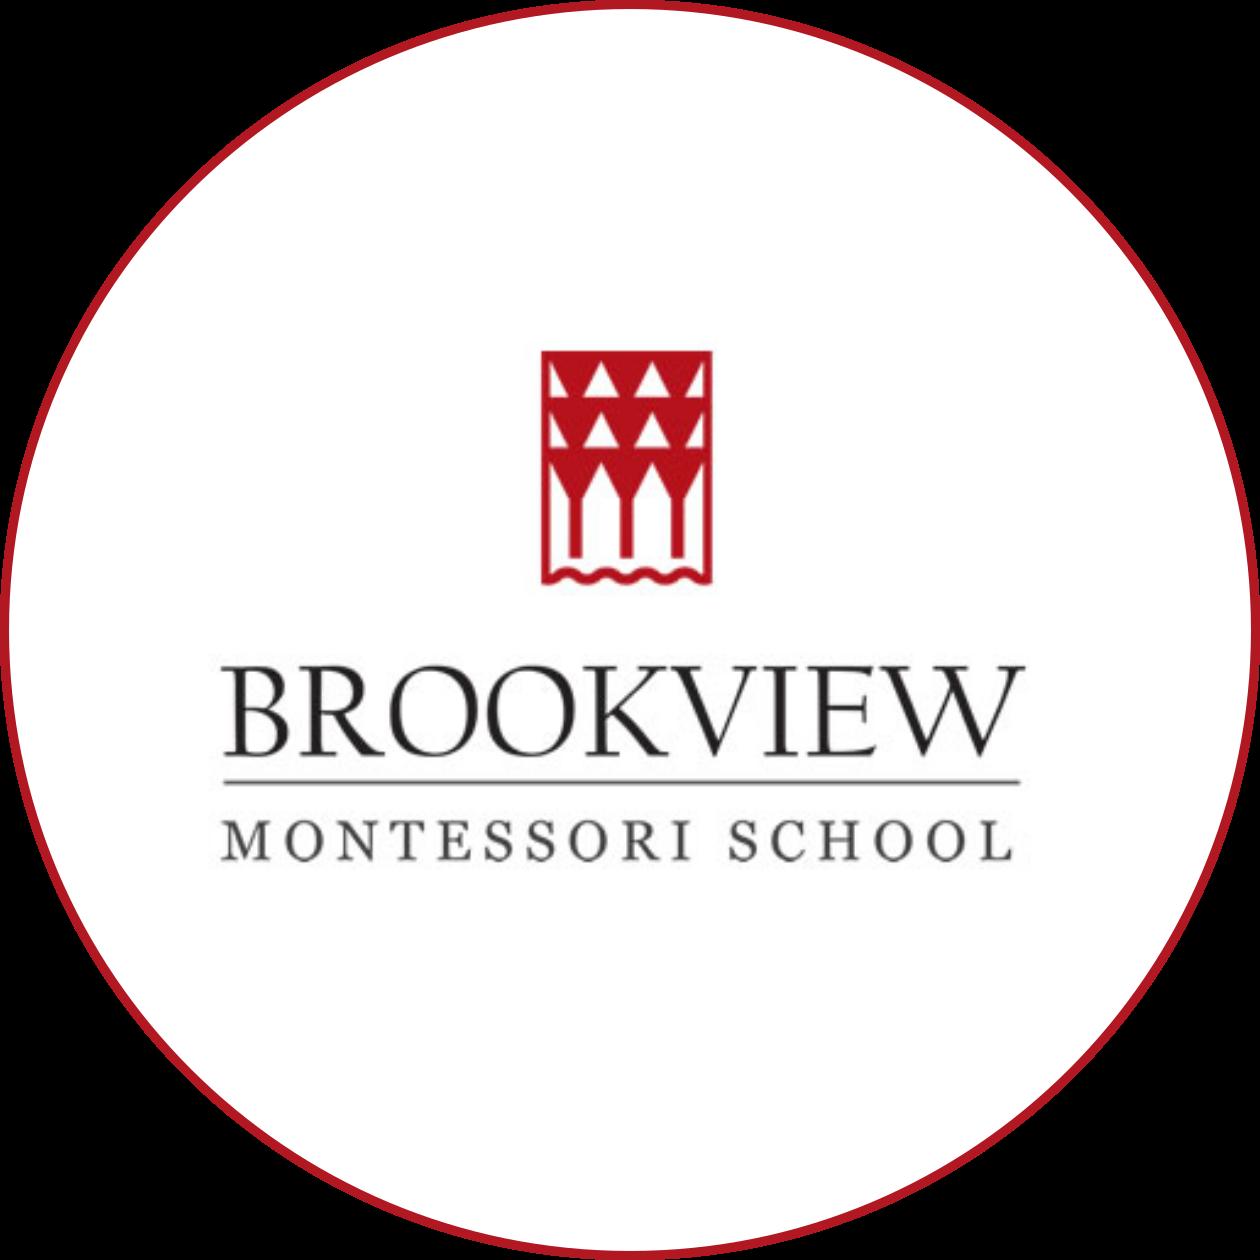 Brookview Montessori School - Benton Harbor, MichiganFull Member